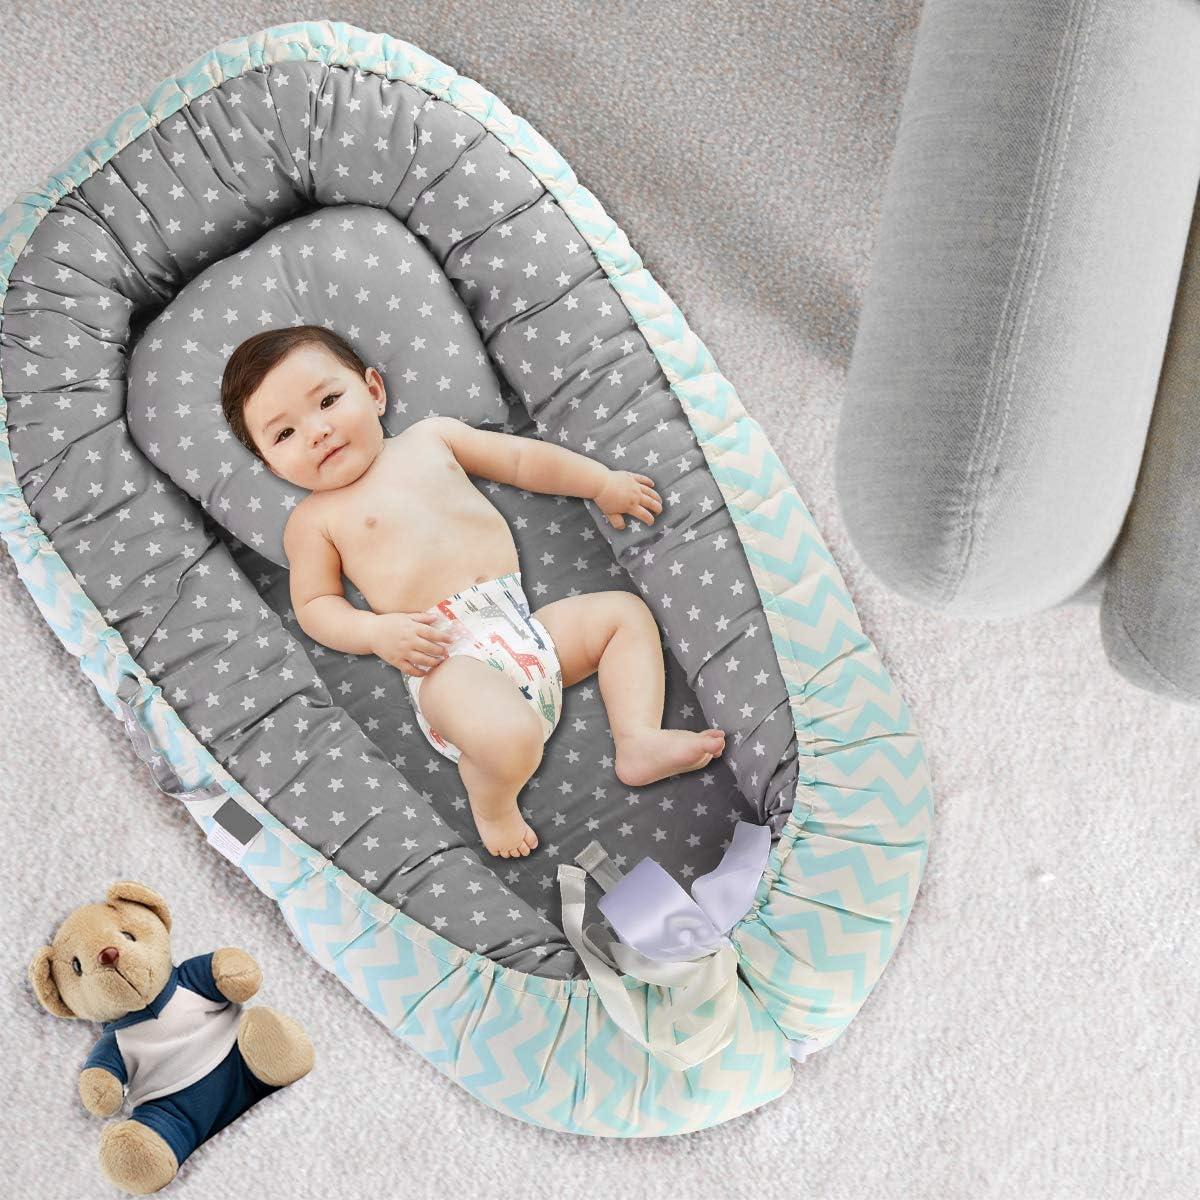 dormire viaggiare DaMohony Lettino Neonato Portatile Culla per neonati Lettino per coccole Wave + Star lettini